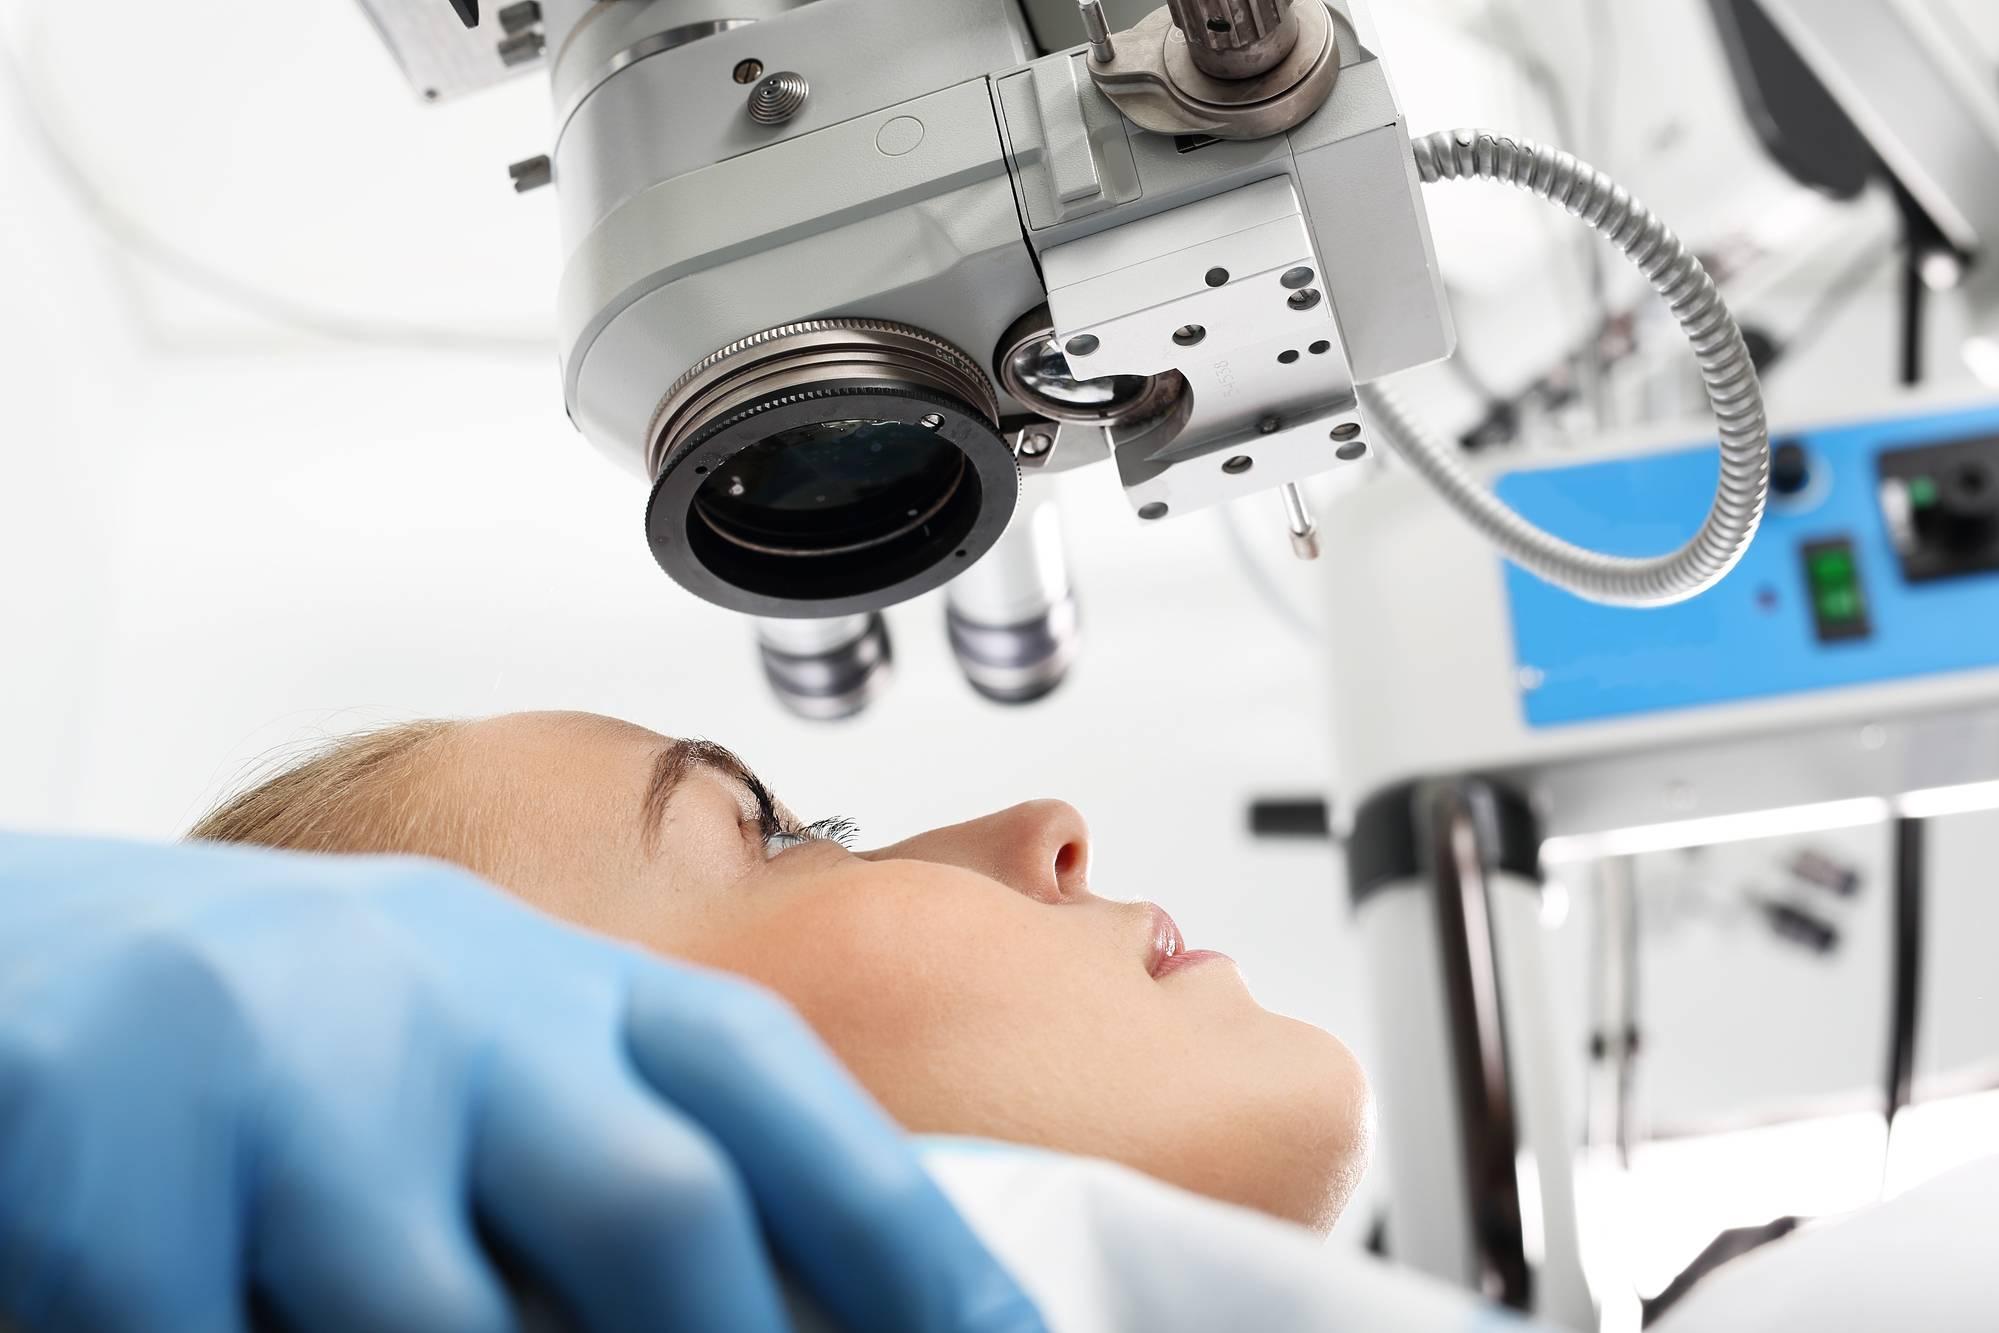 Клиники в германии по лечению глаз: качественное лечение офтальмологических проблем